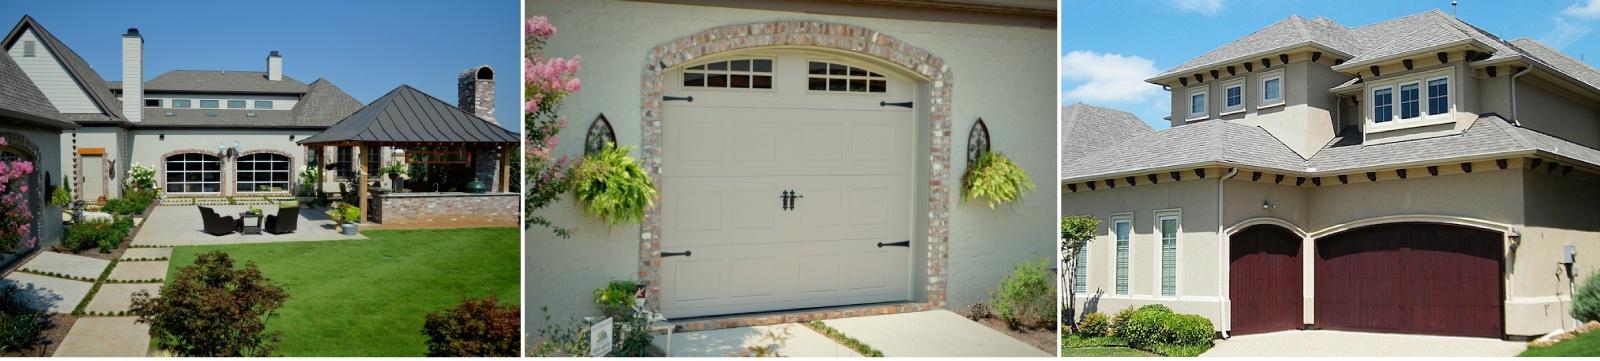 Rutherford Tn Garage Door Repair Superior Overhead Doors